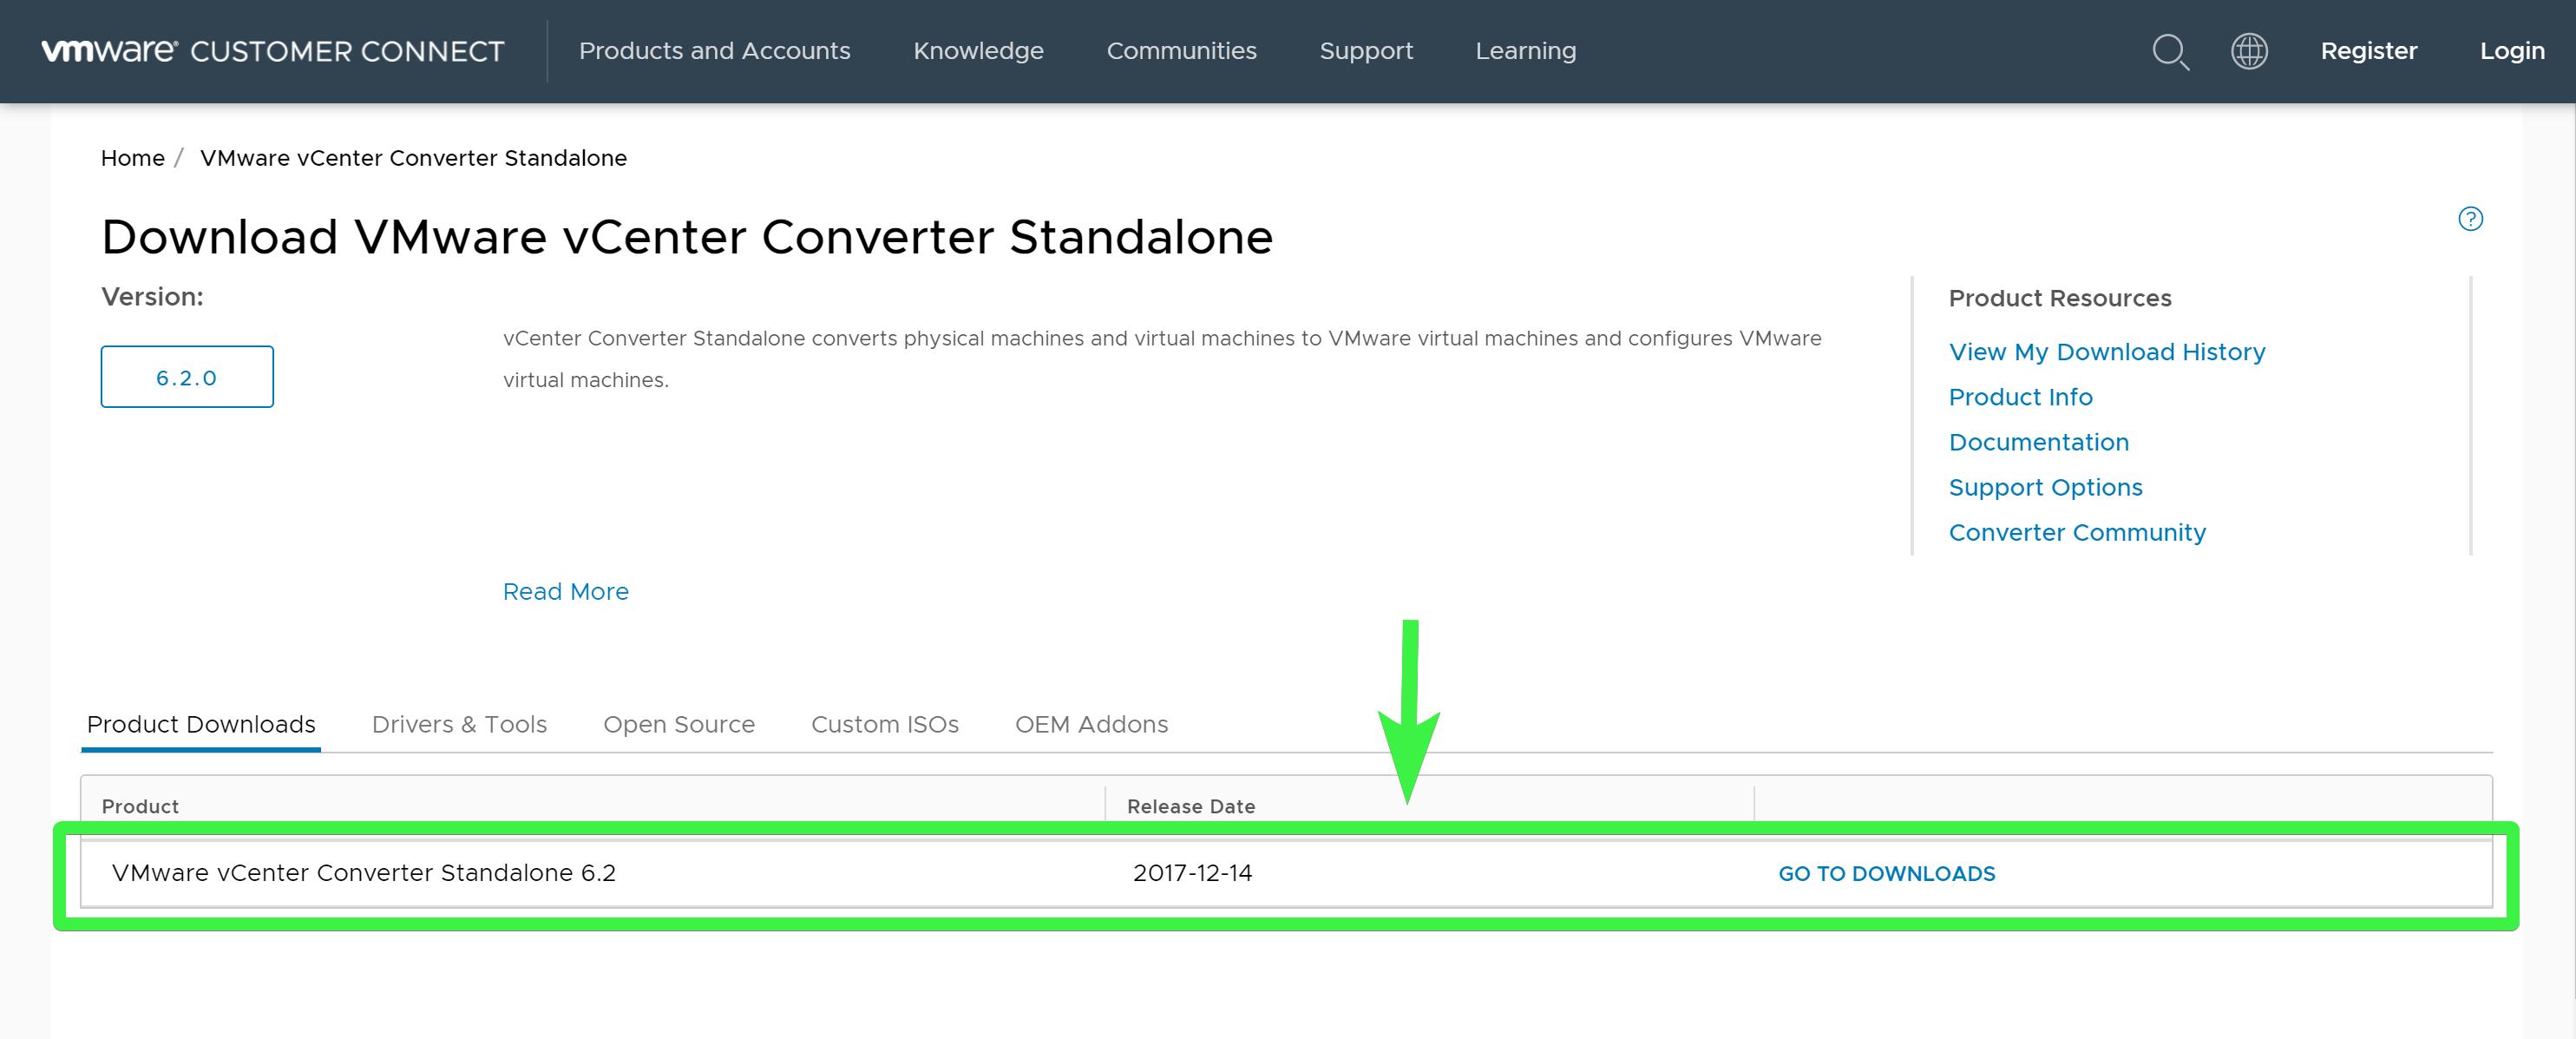 Downloading vCenter Converter